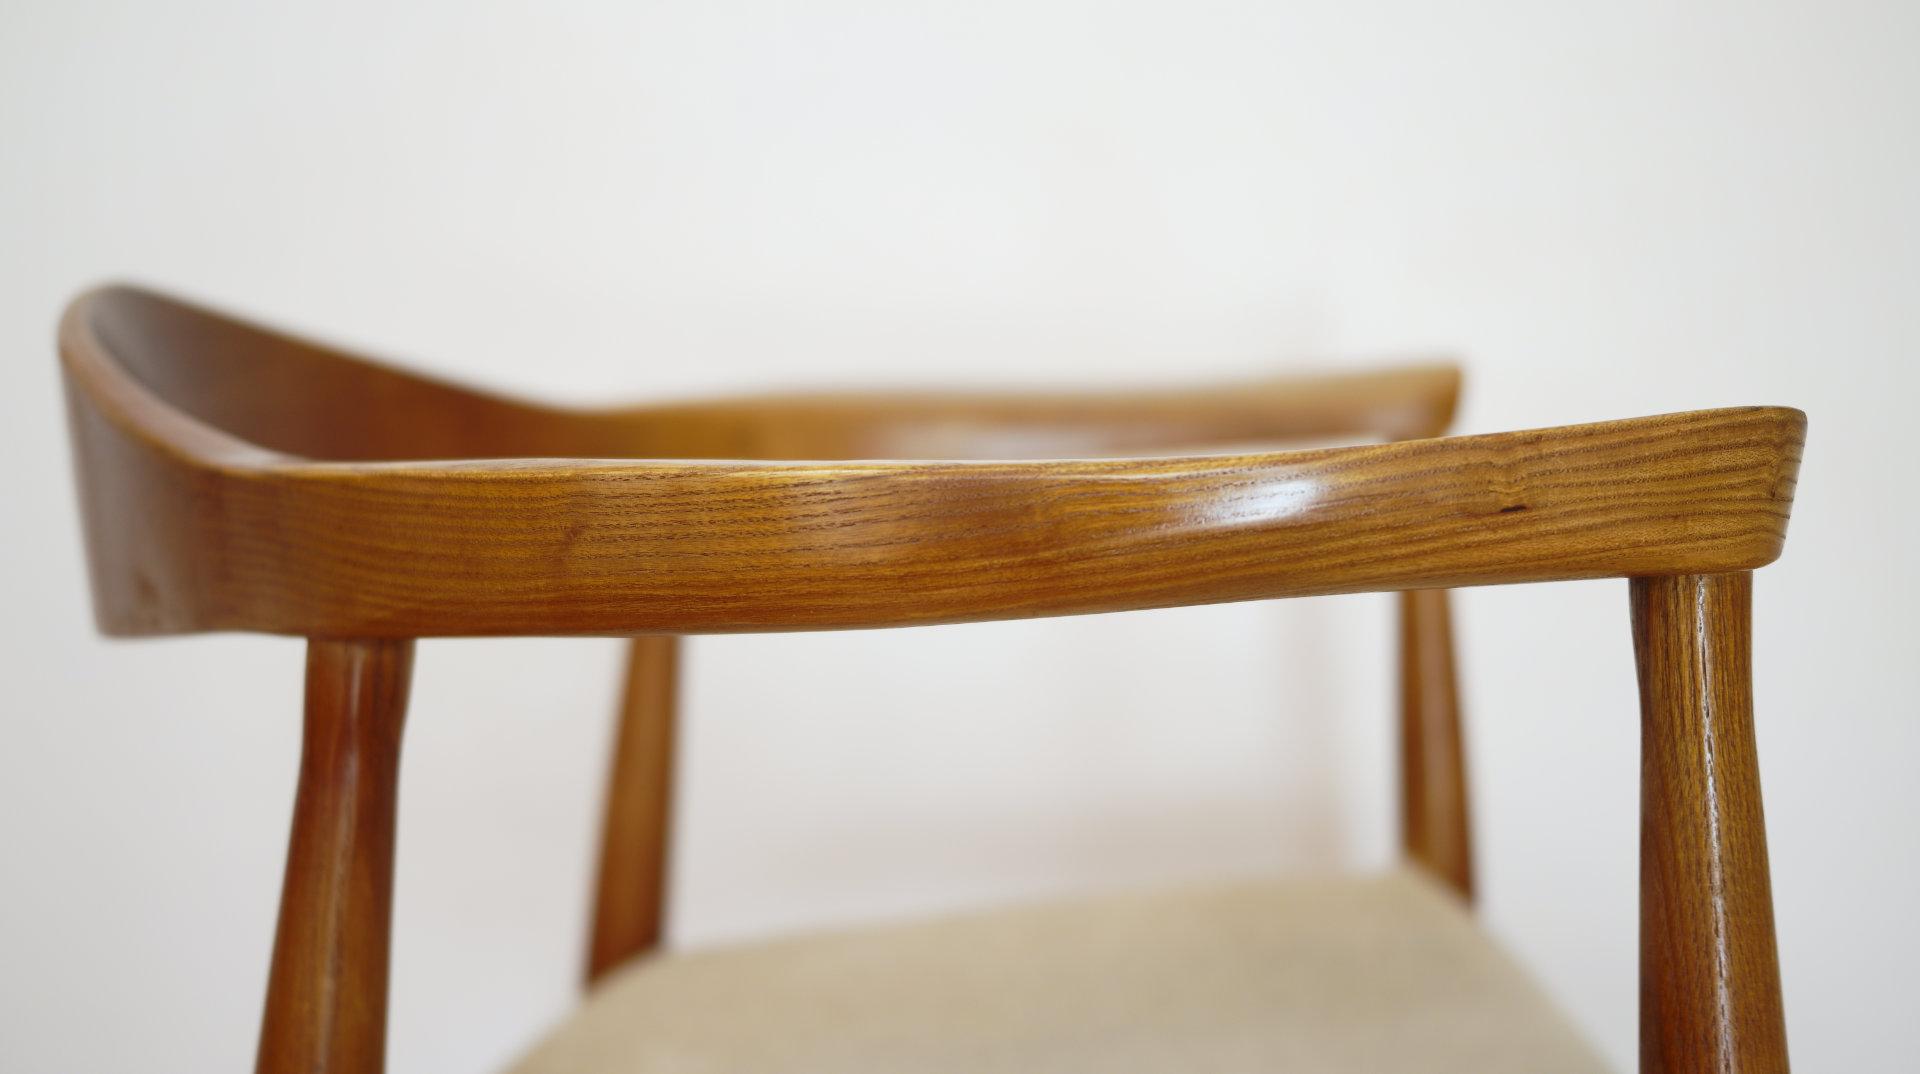 DEAIL+フォルム北欧デザイナーズ木製チェア「PP503 The Chair / ハンス・J・ウェグナー」